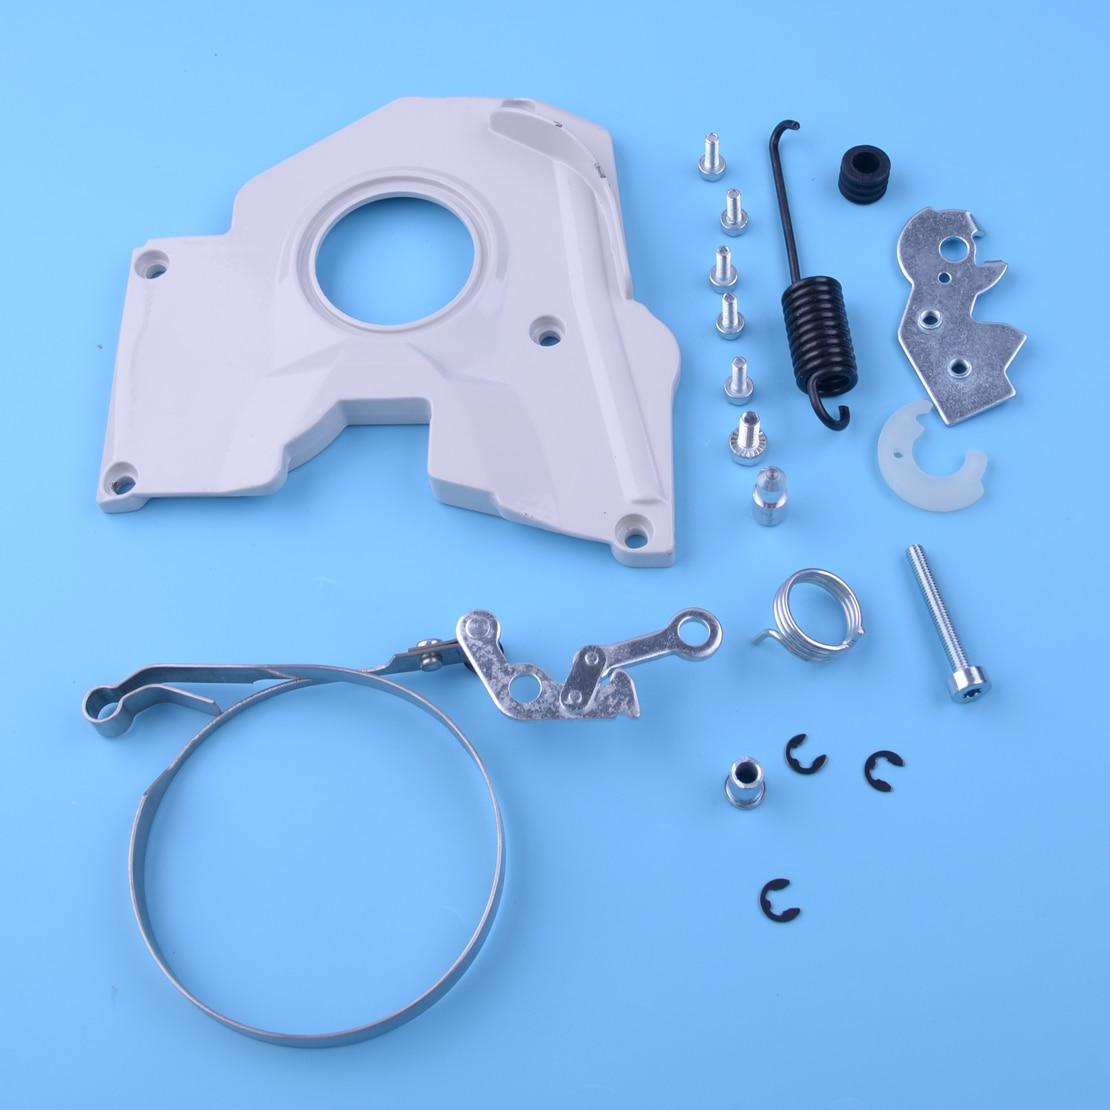 LETAOSK Chain Brake Cover Band Level Spring Kit Adjuster Assy Fit For Stihl 038 038 AV MAGNUM MS380 Chainsaw 1119 021 1102